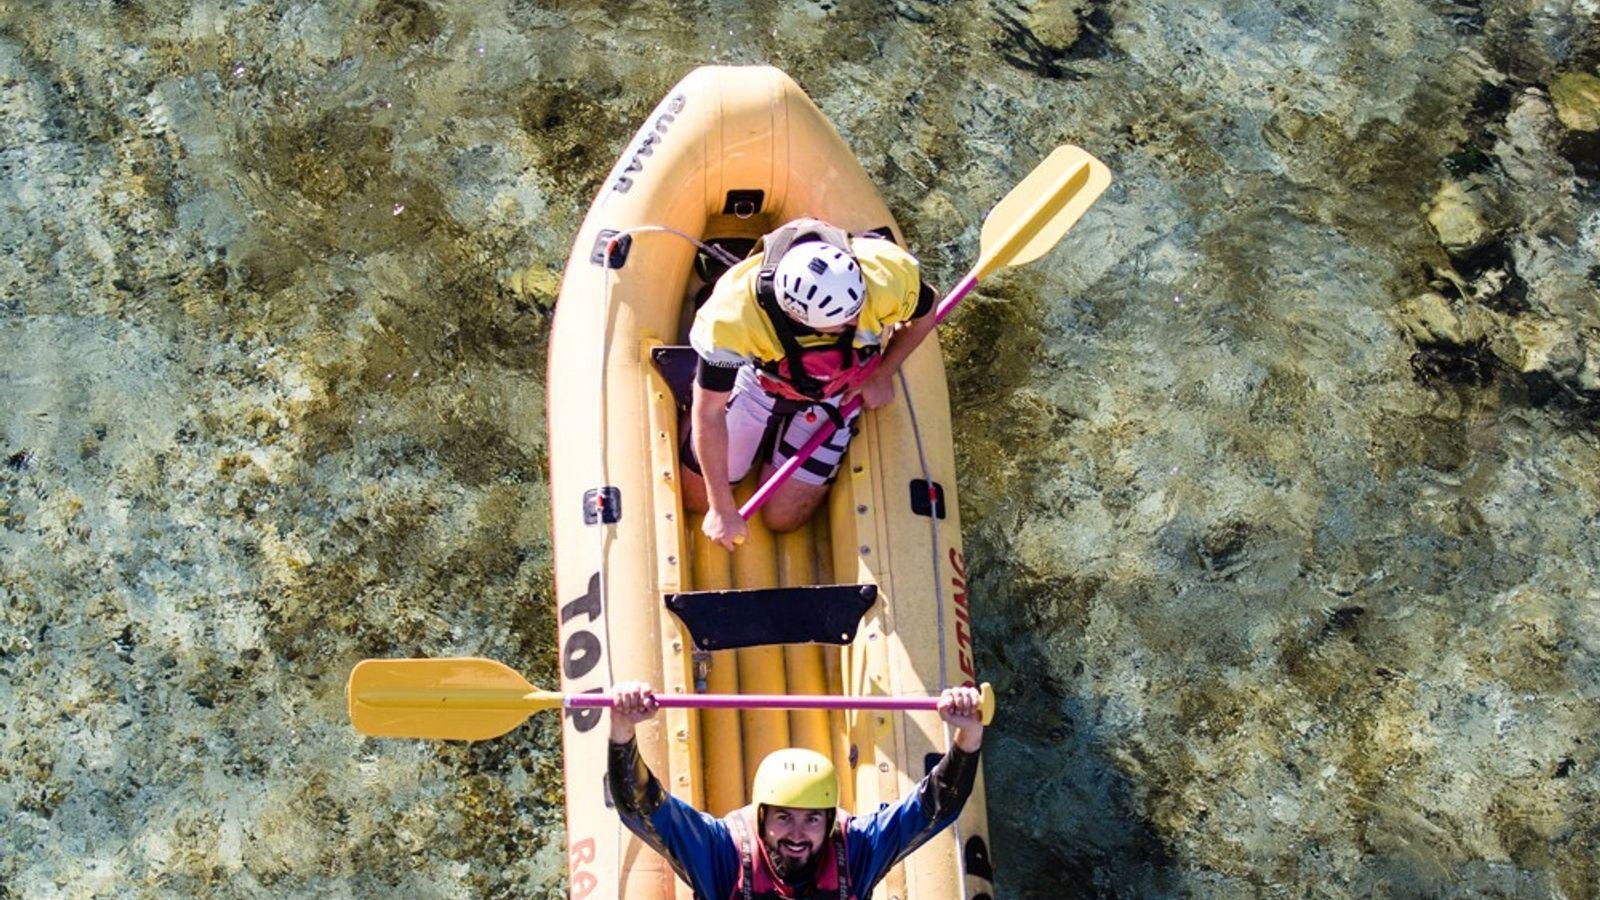 Der National Geographic-Fotograf Ciril Jazbec am Ende seiner Raftingtour auf der Soča.